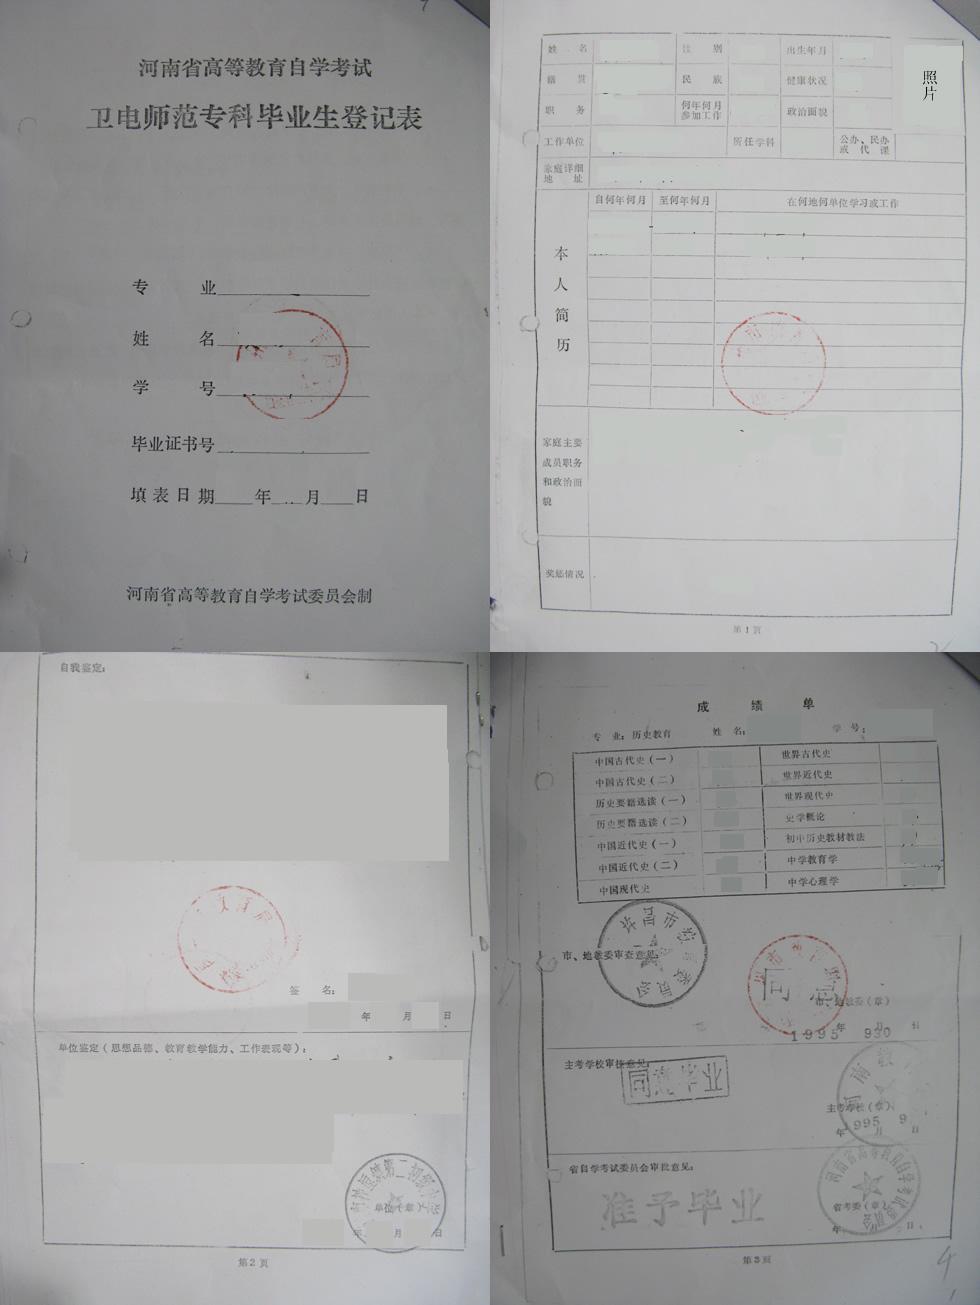 6,个人档案中的毕业生登记表复印件( ).